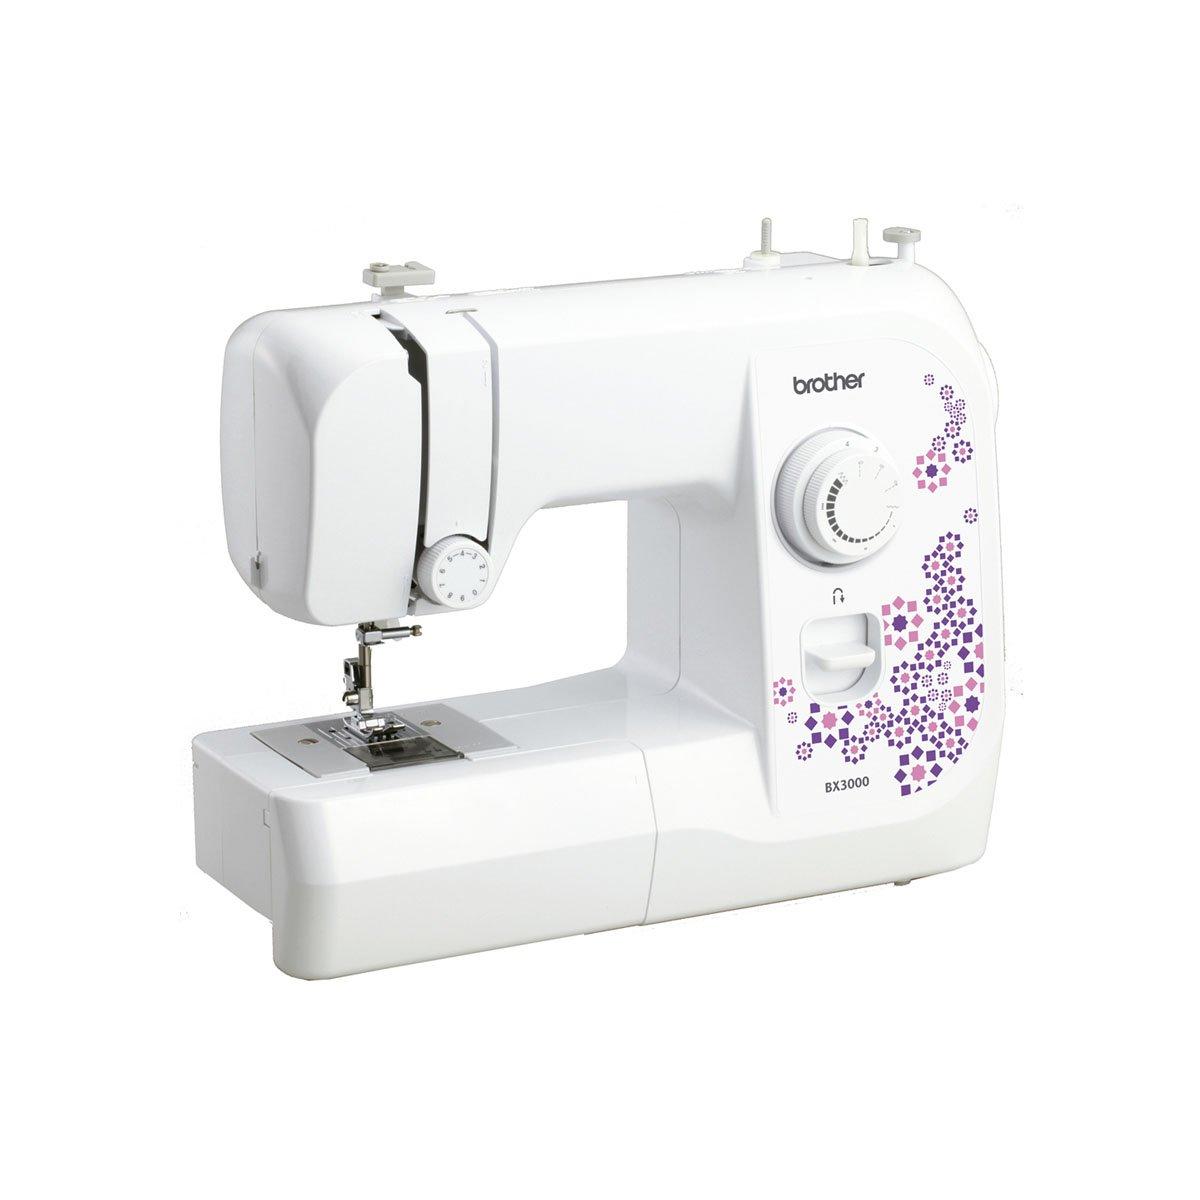 M quina de coser brother 2p bx3000 sears com mx me - Maquinas de coser ladys ...